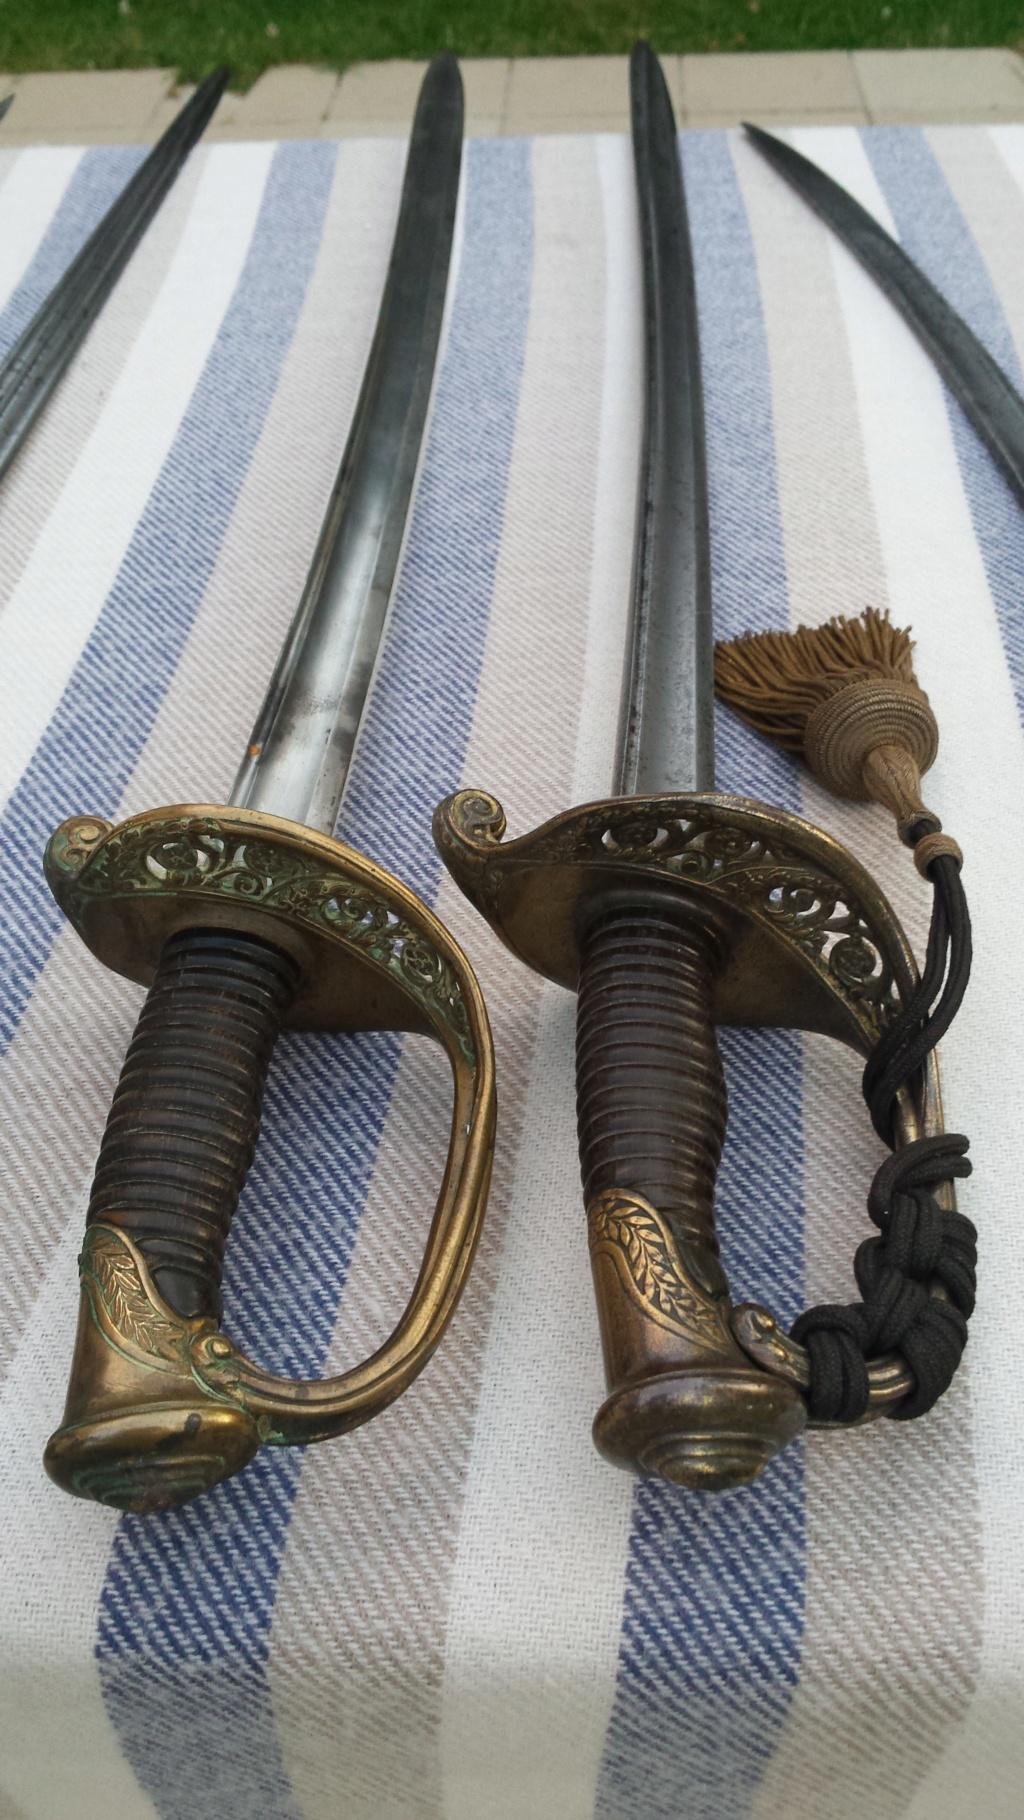 Sabres d'officier d'infanterie modèles 1845 et 1845-55 20180716